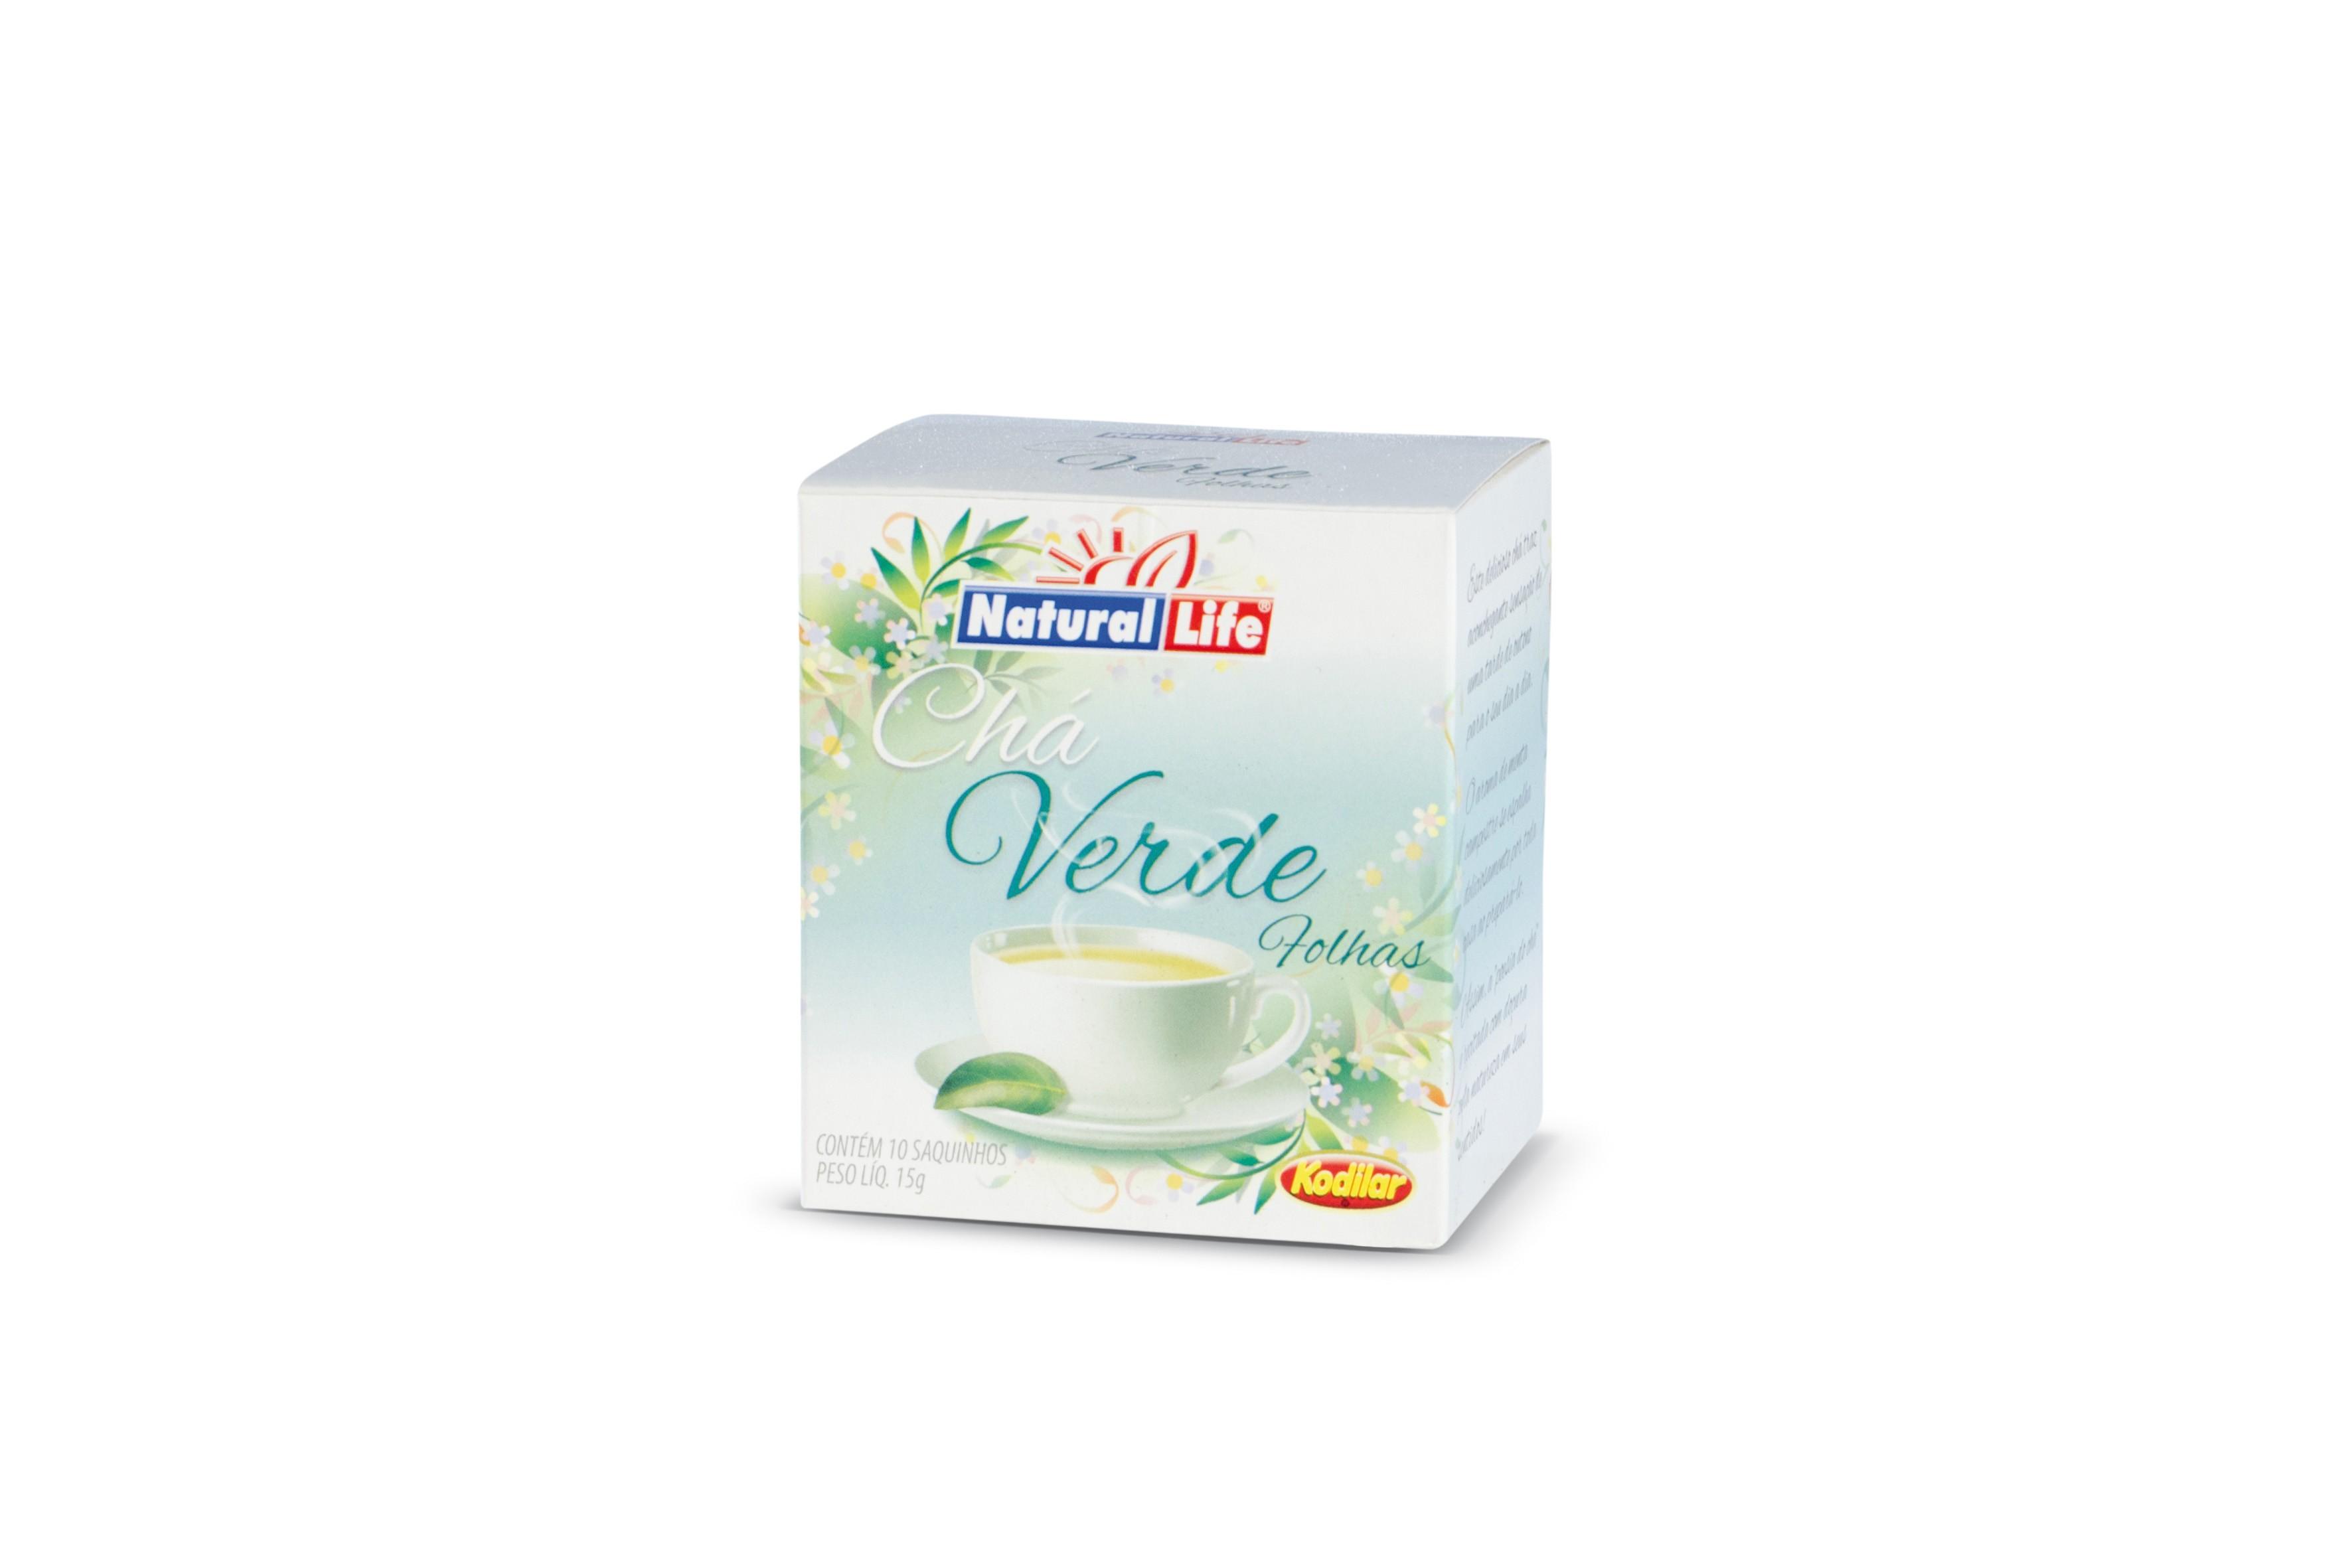 Chá Verde Tradicional (10 Sachês) Natural Life